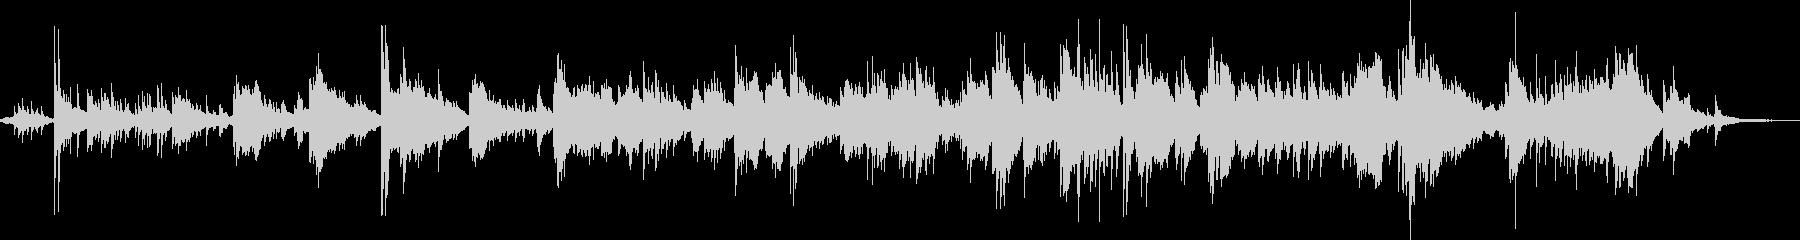 柔らかいタッチのピアノソロの未再生の波形